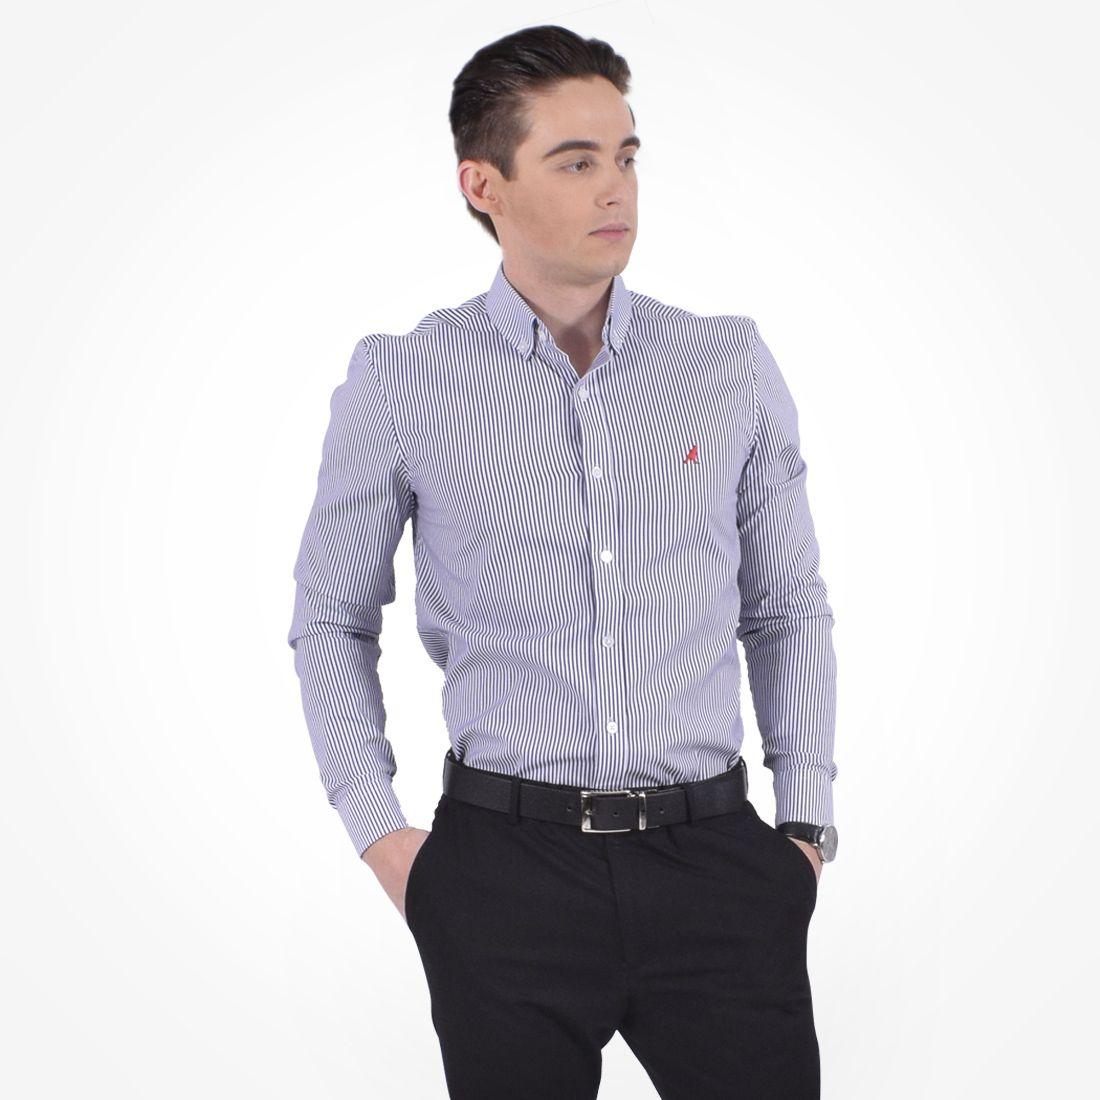 100215 - Camisa Social Listrada Masculina Slim Azul Marinho - LEVOK